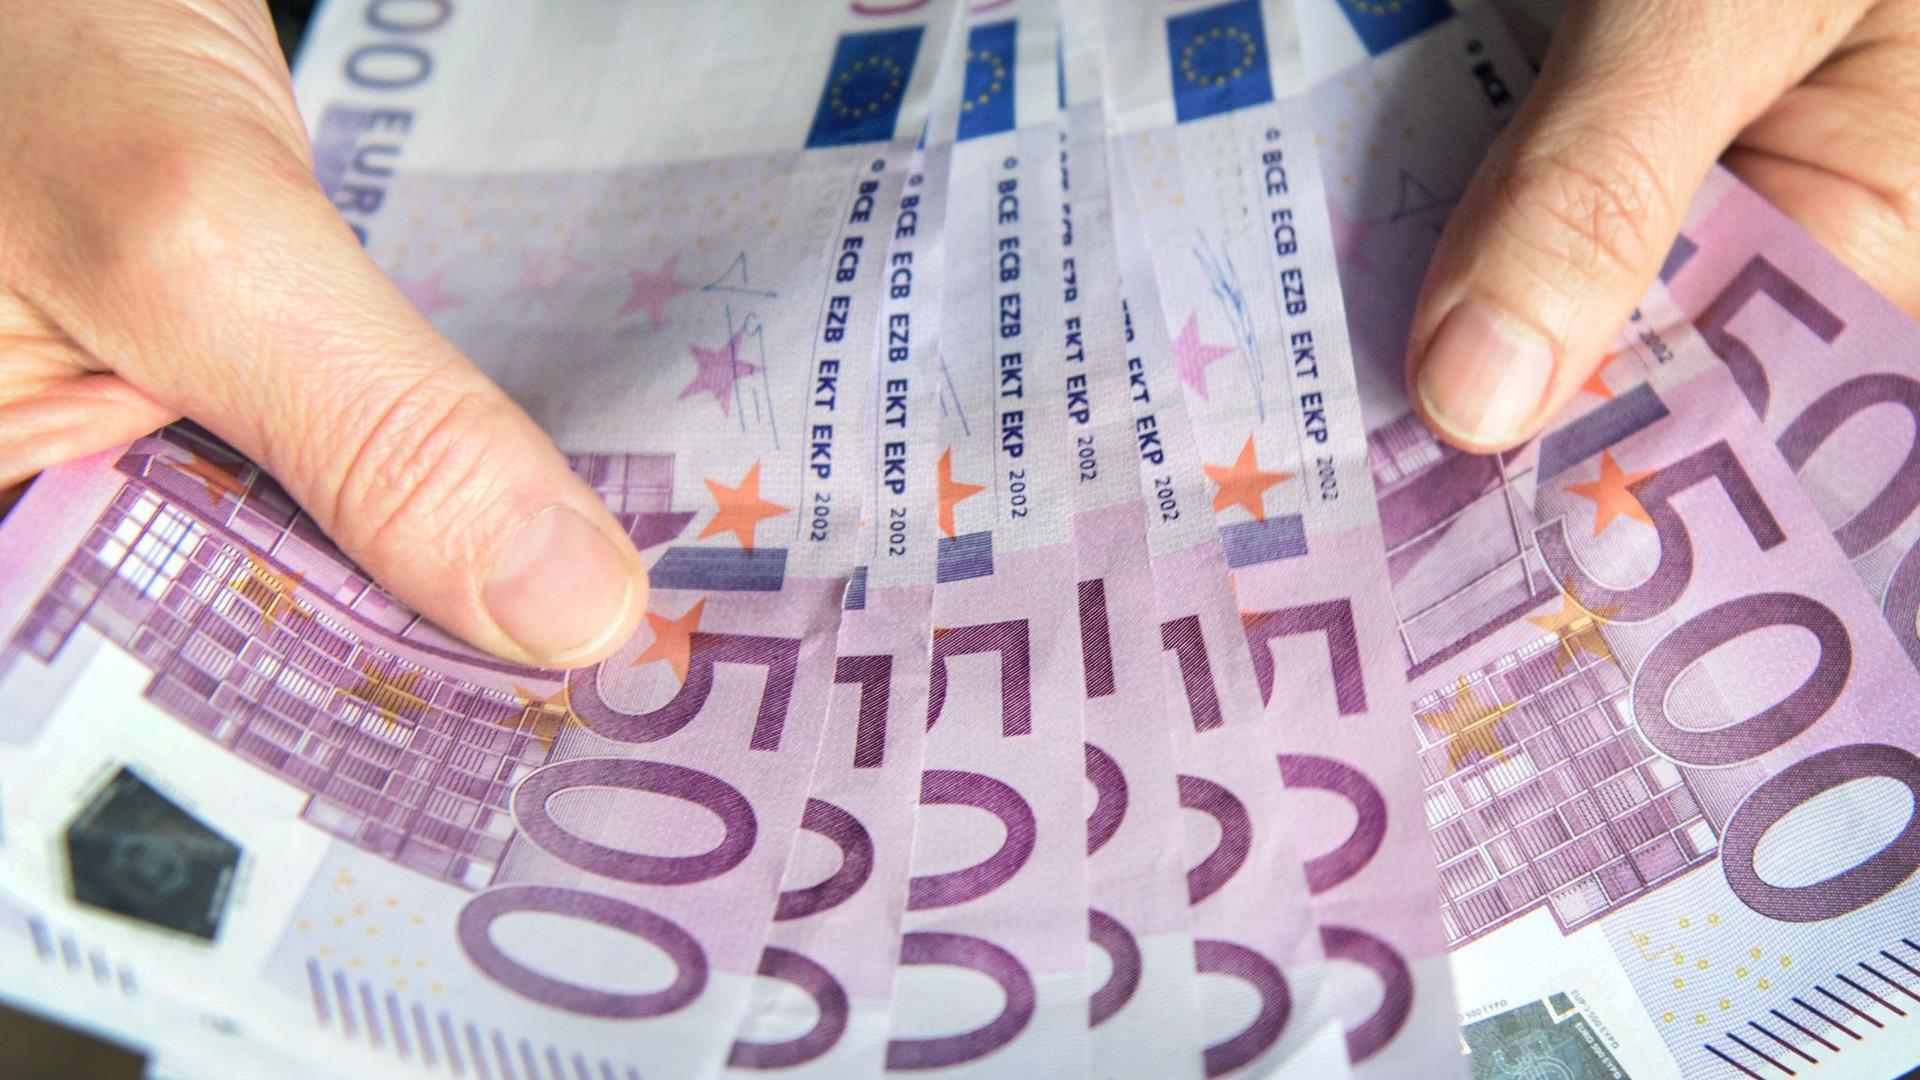 Nach Einschätzung des Rechnungshofes werden in der EU jährlich Milliardenbeträge aus kriminellen Geschäften in die reguläre Wirtschaft eingespeist (Symbolbild).